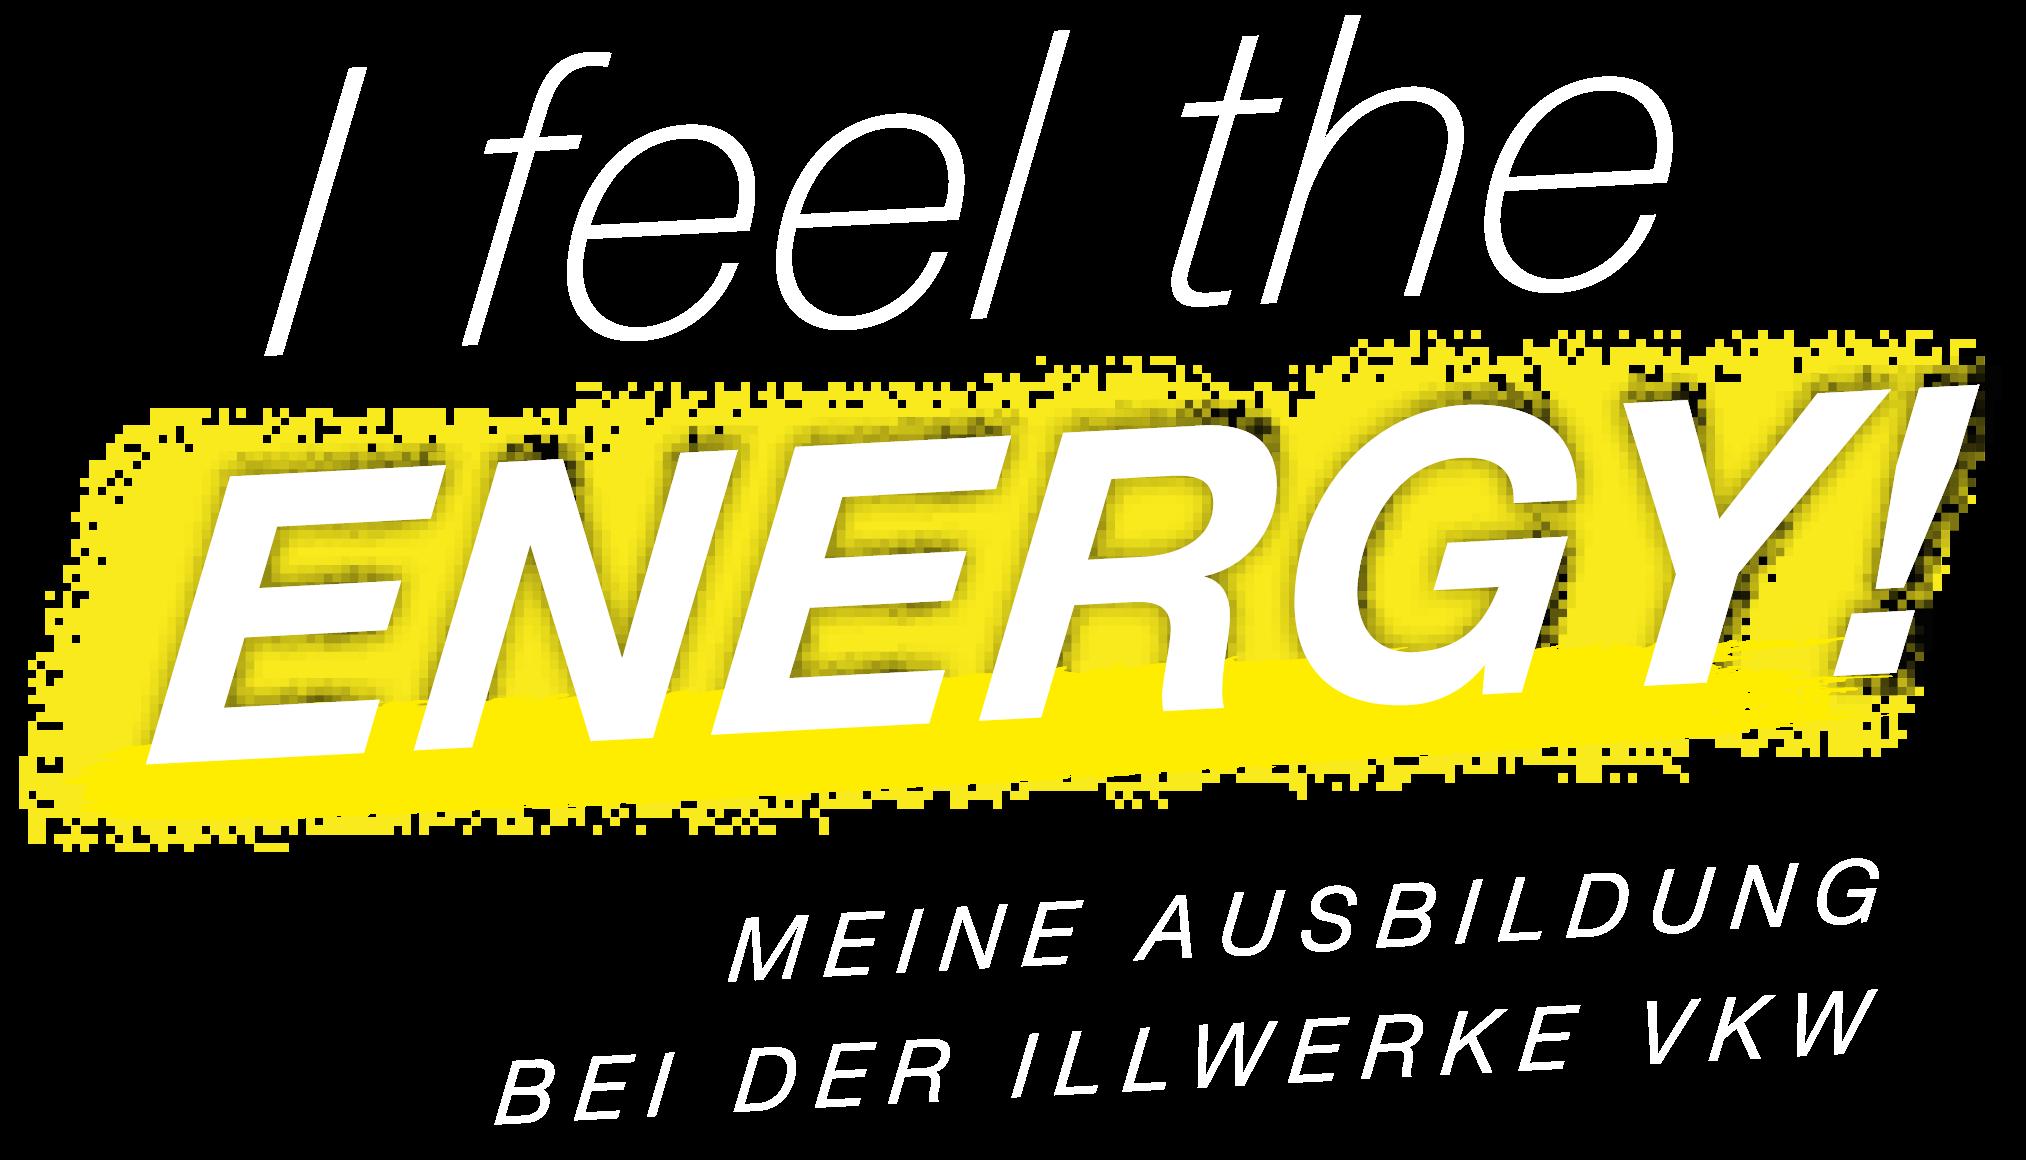 Kampagnen-Logo I feel the Energy – Meine Ausbildung bei der illwerke vkw